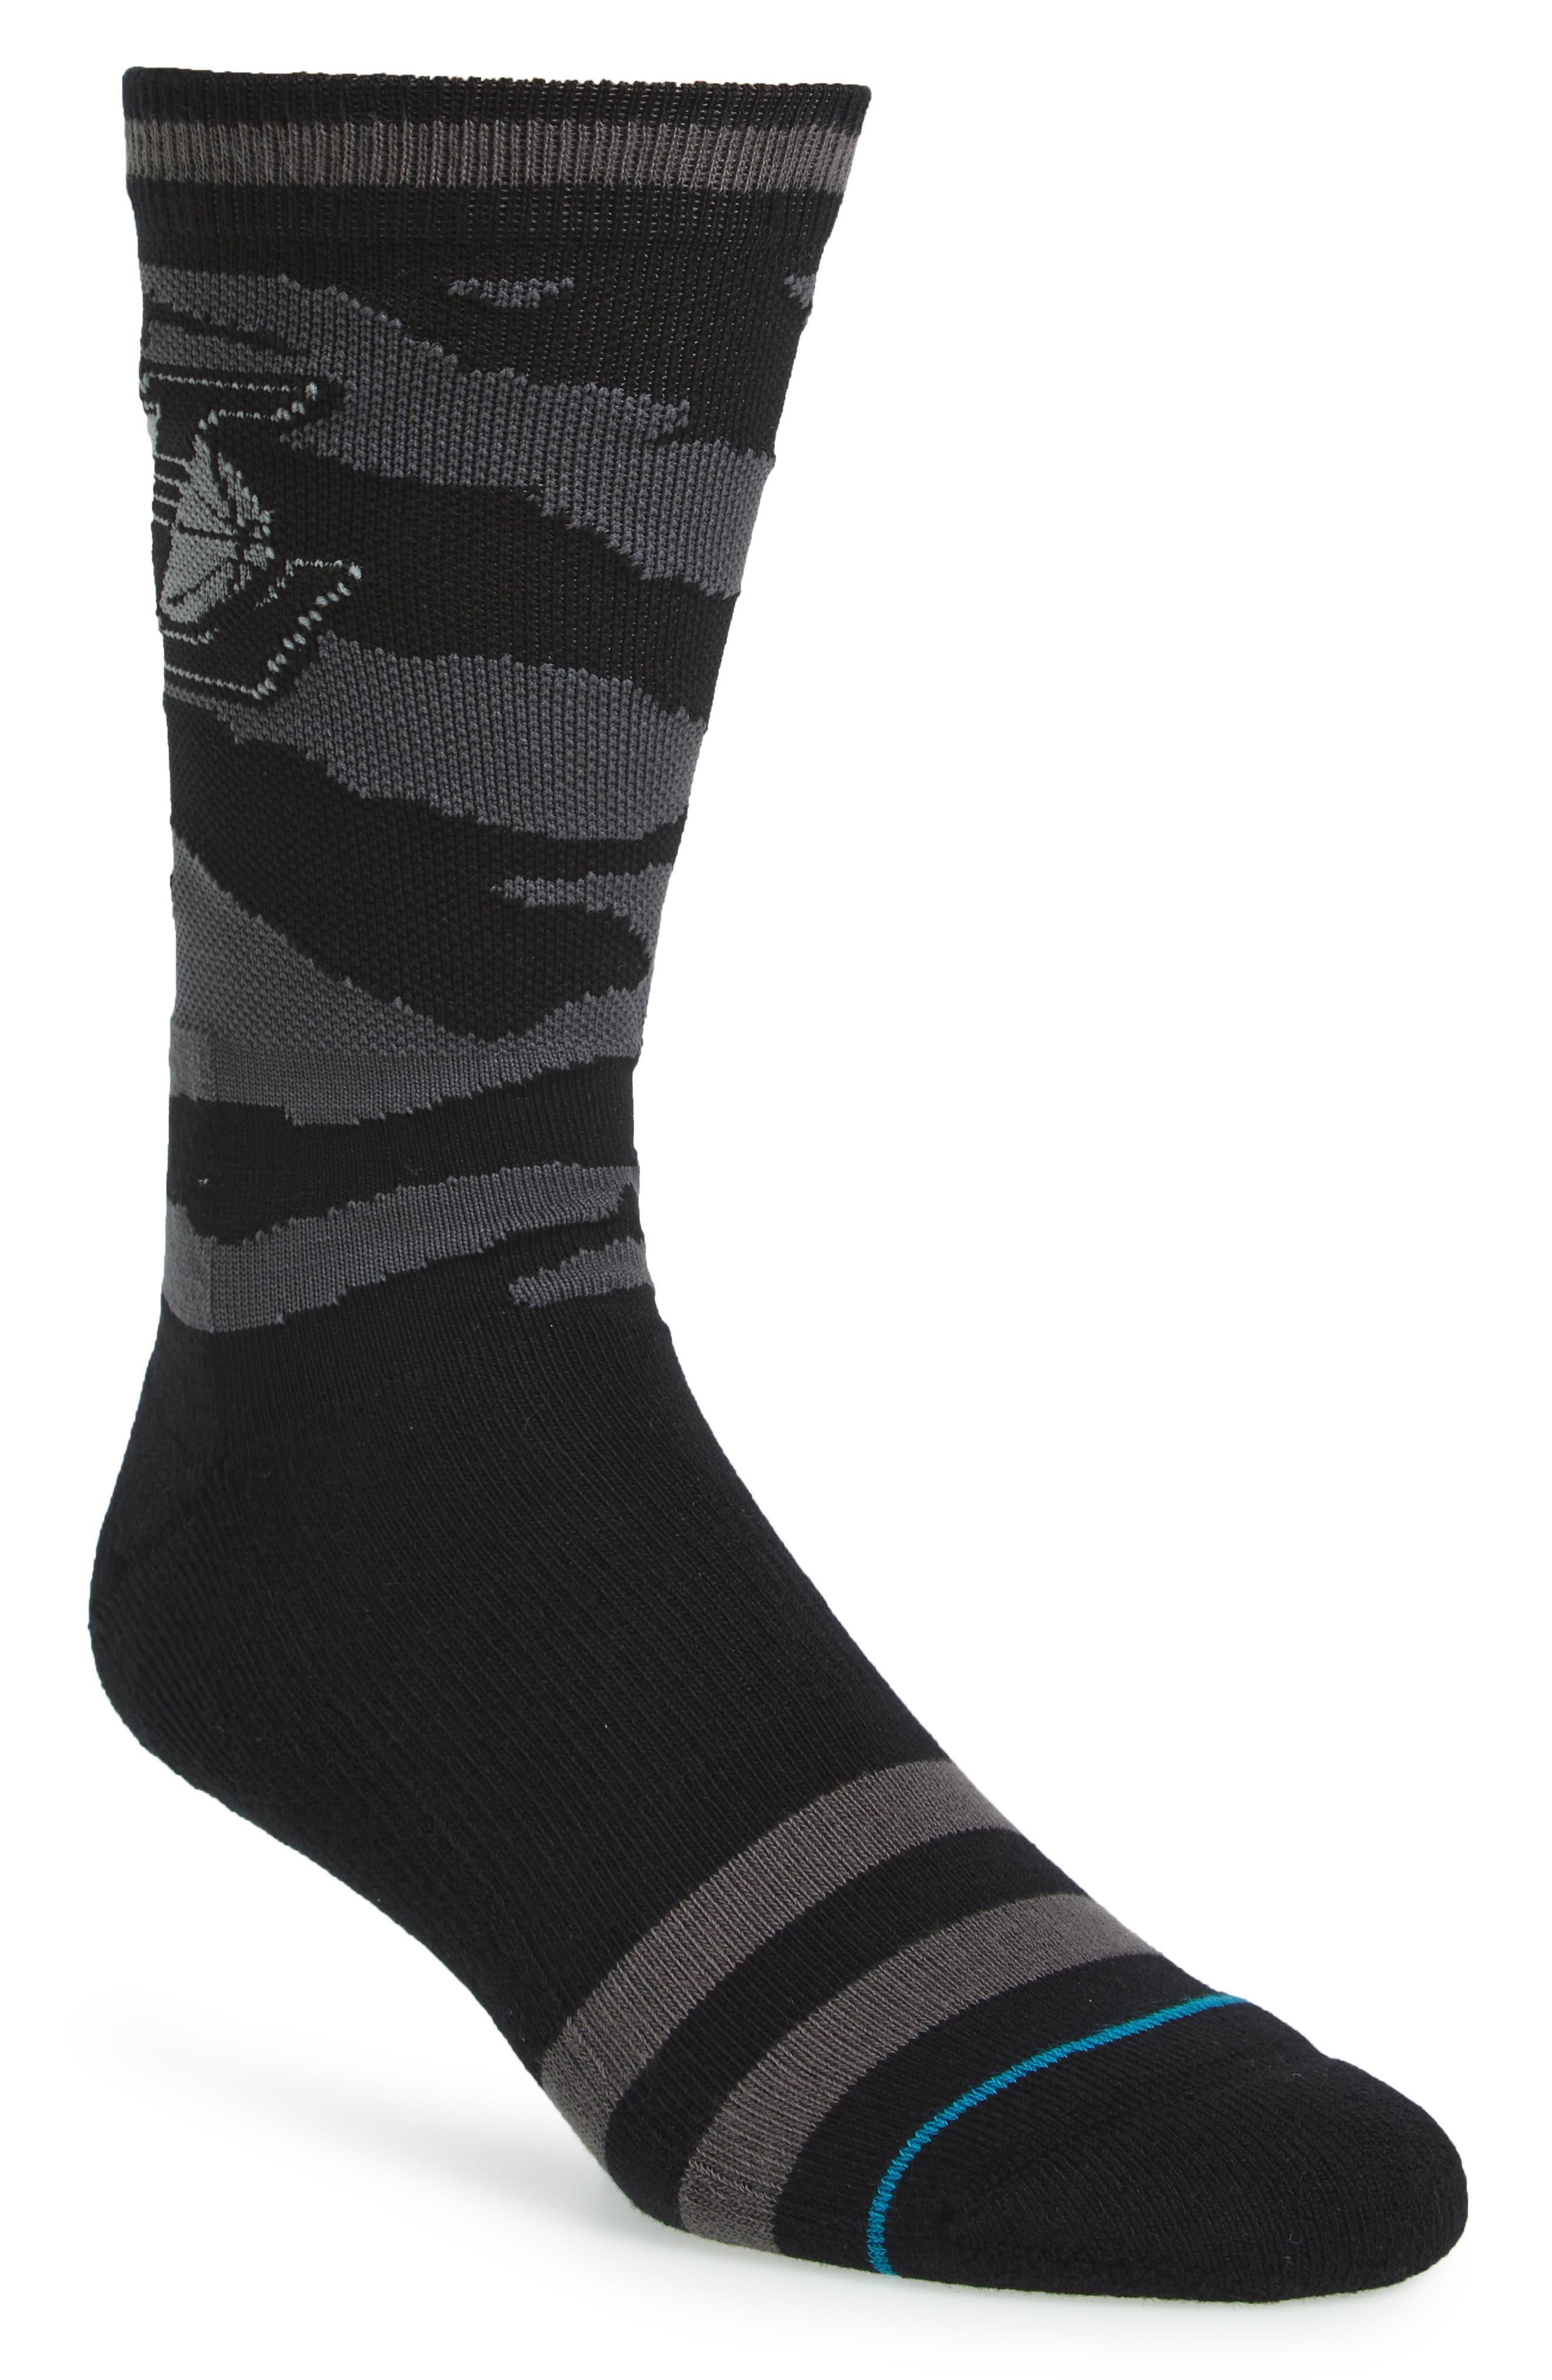 NBA Casual Nightfall Lakers Socks,                         Main,                         color, Black